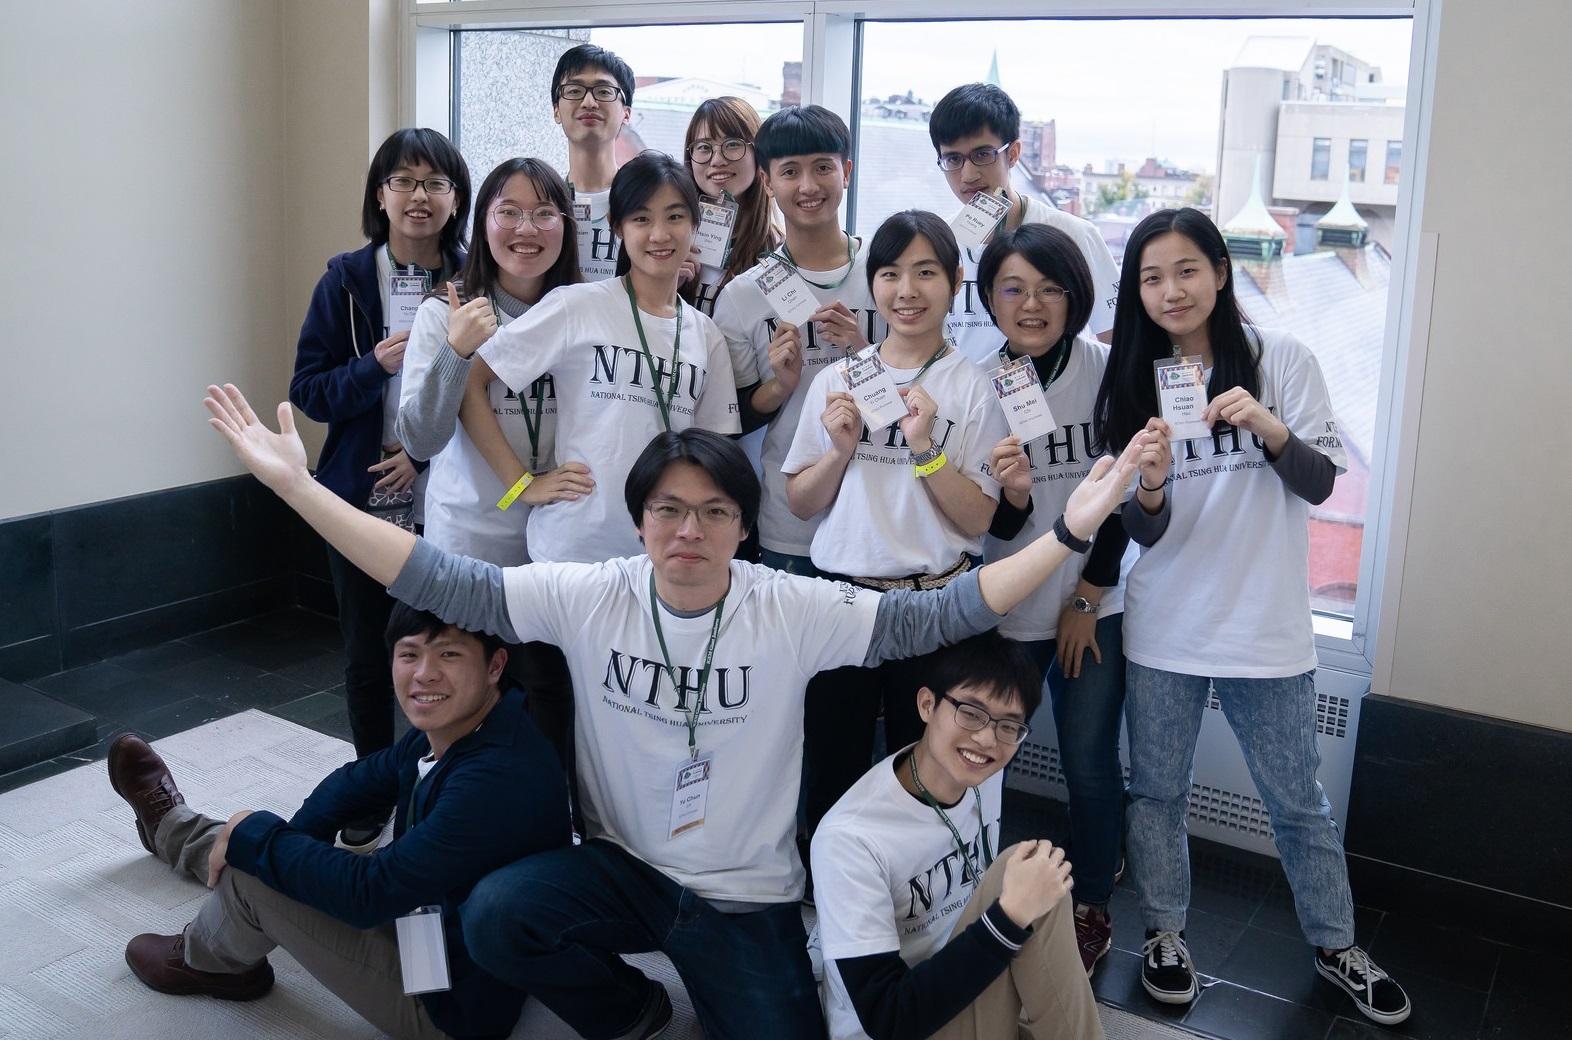 清華大學醫學科學系老師林玉俊(前排中)帶領NTHU Formosa跨領域團隊在Igem競賽中奪得金牌 (圖片來源: 清華大學)